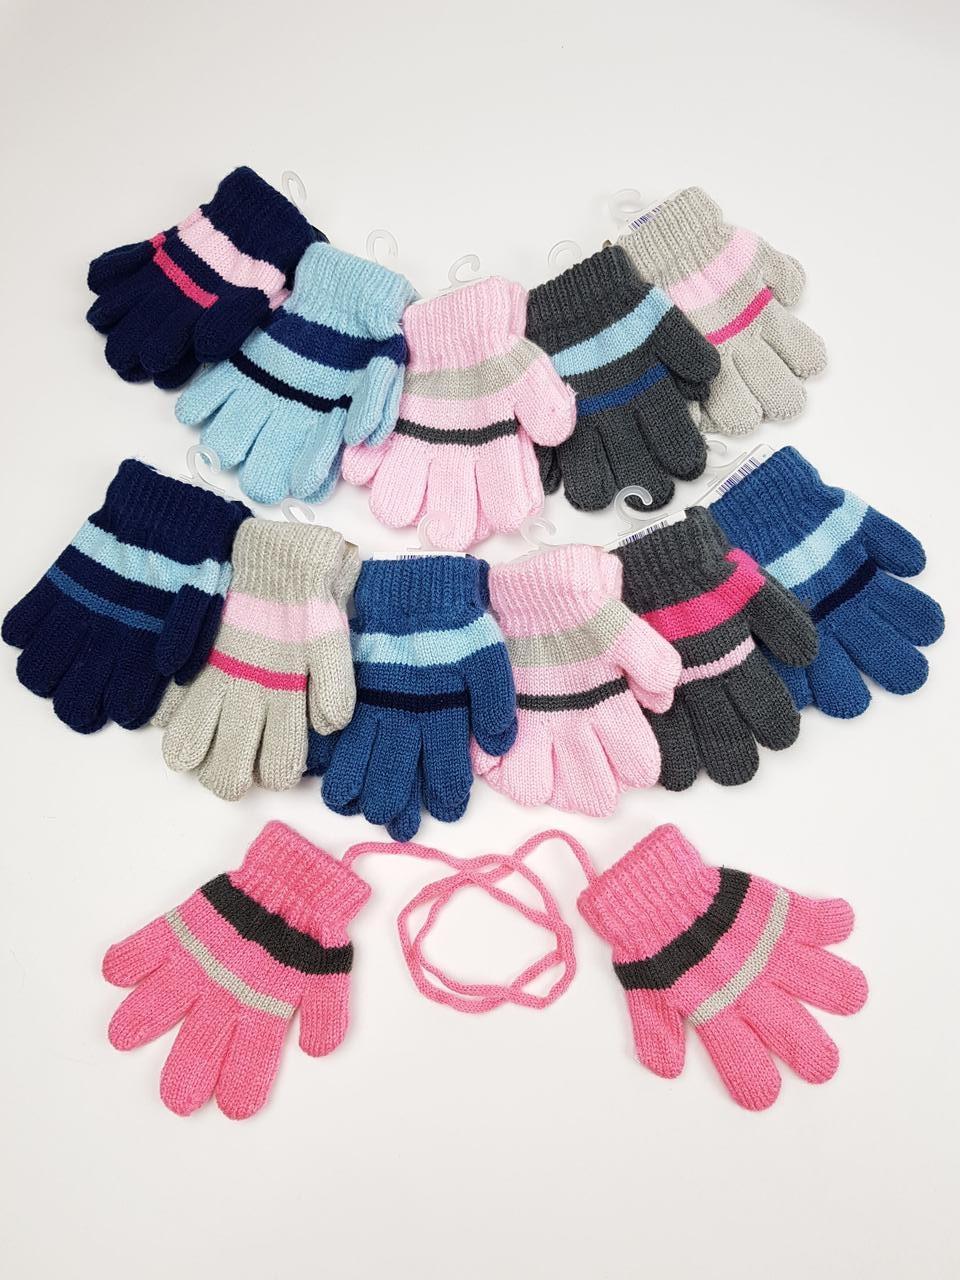 Детские польские перчатки для девочек, р.11см (6-12 мес) (12шт. набор)